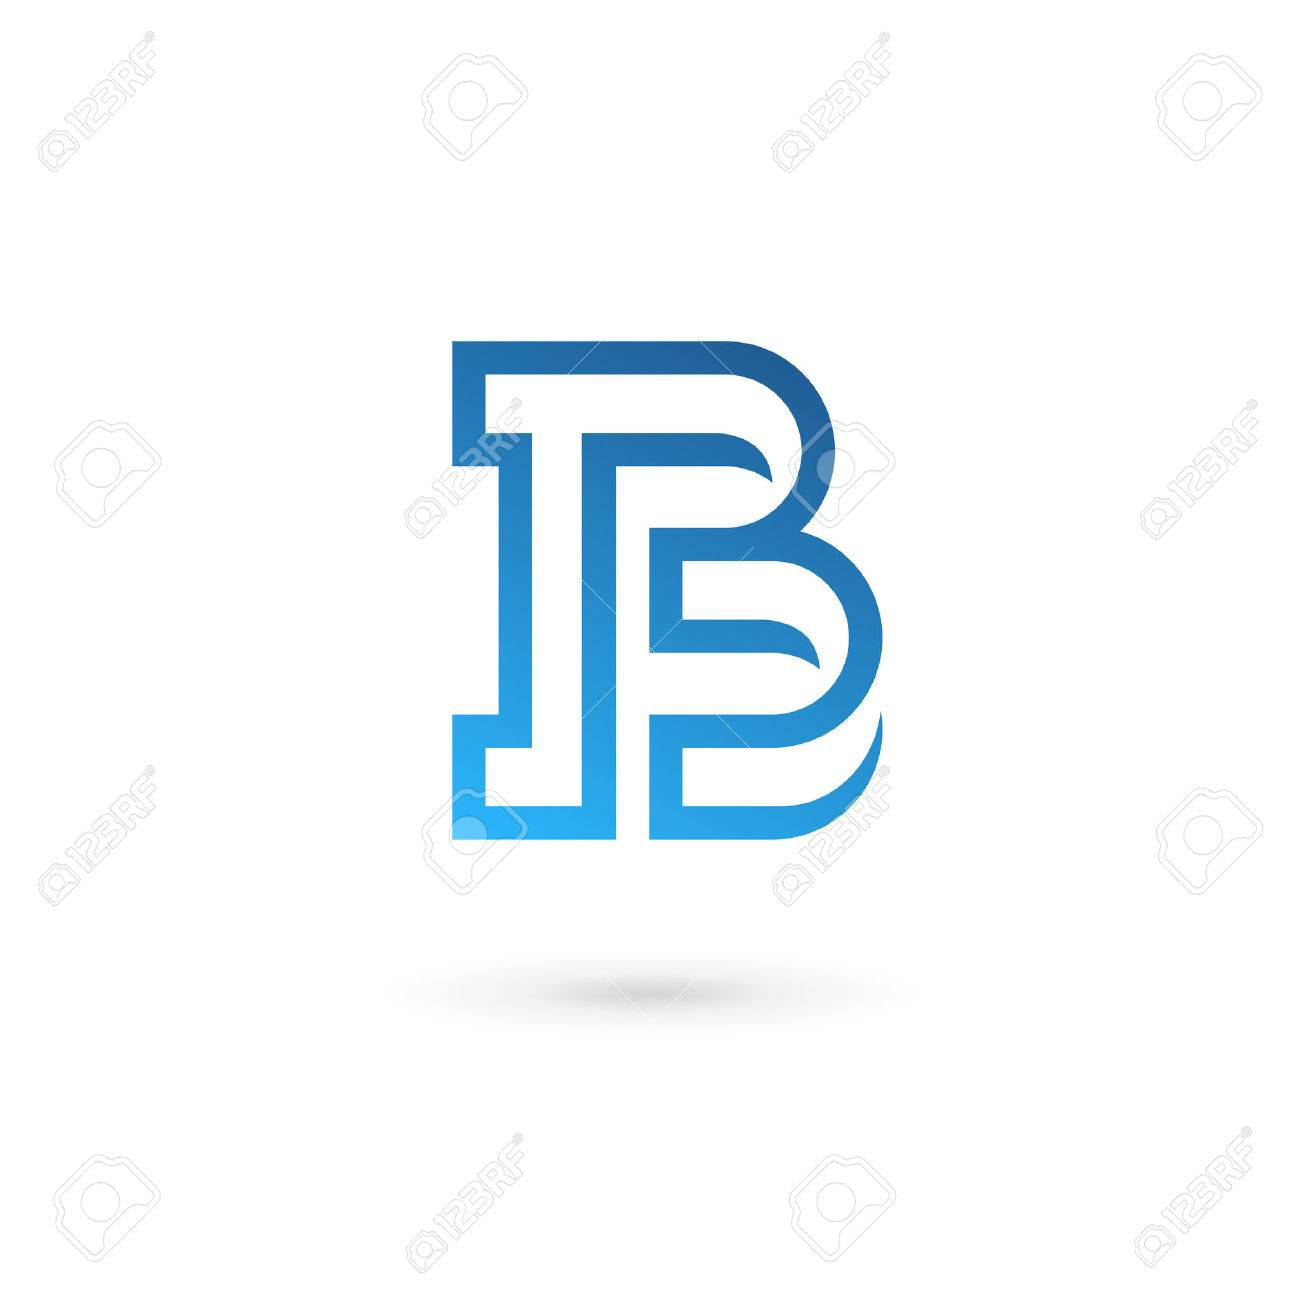 Letra B Elementos De Plantilla Icono Del Diseño Ilustraciones ...